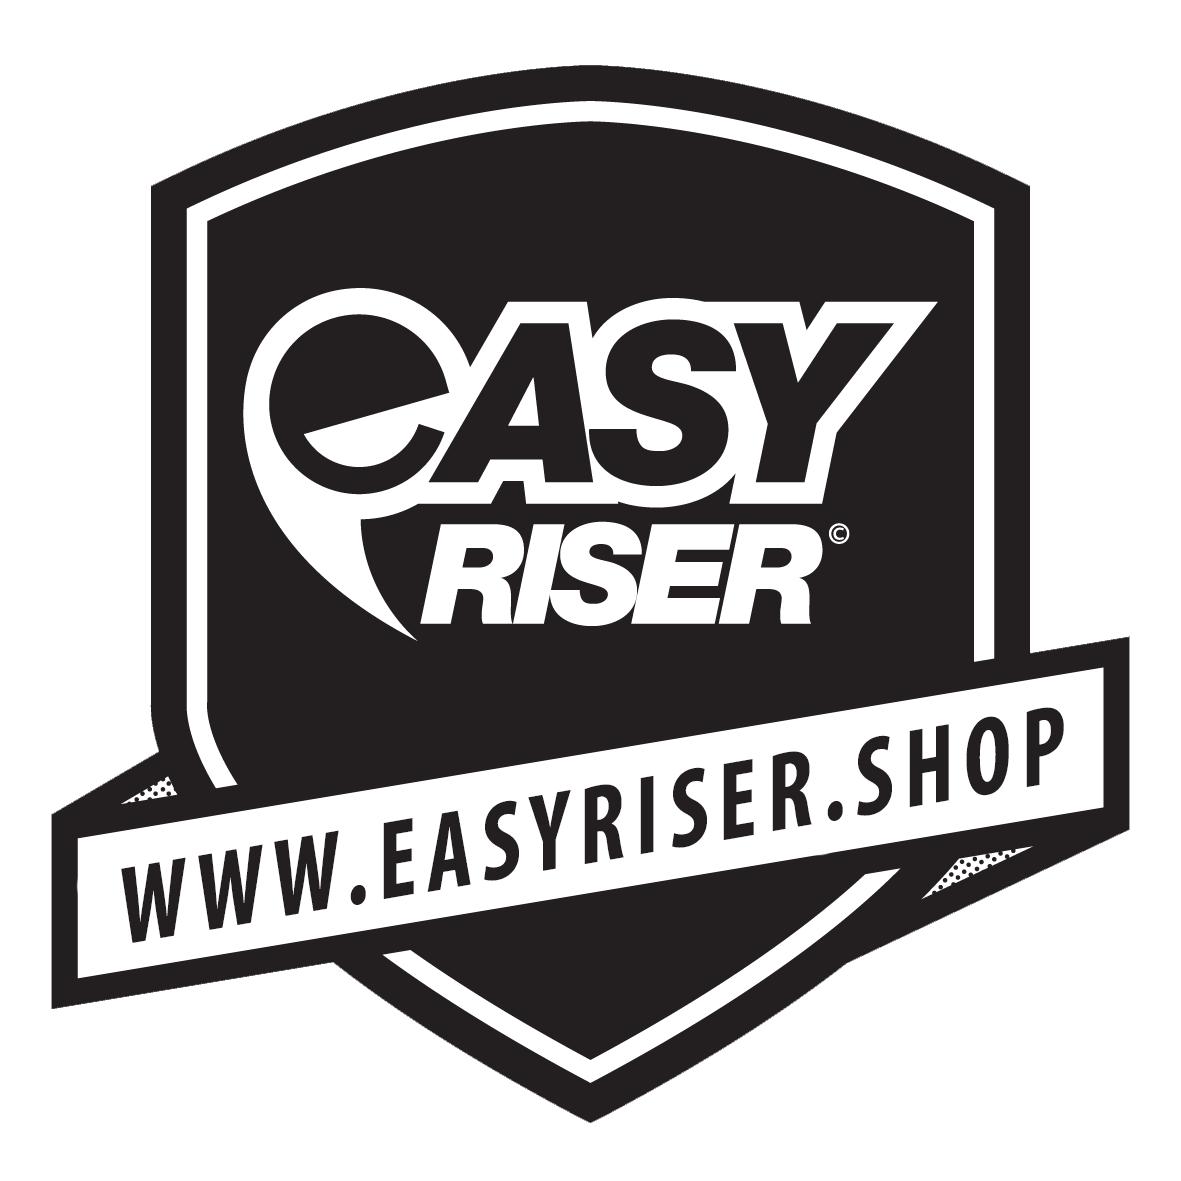 """Résultat de recherche d'images pour """"easyriser logo"""""""